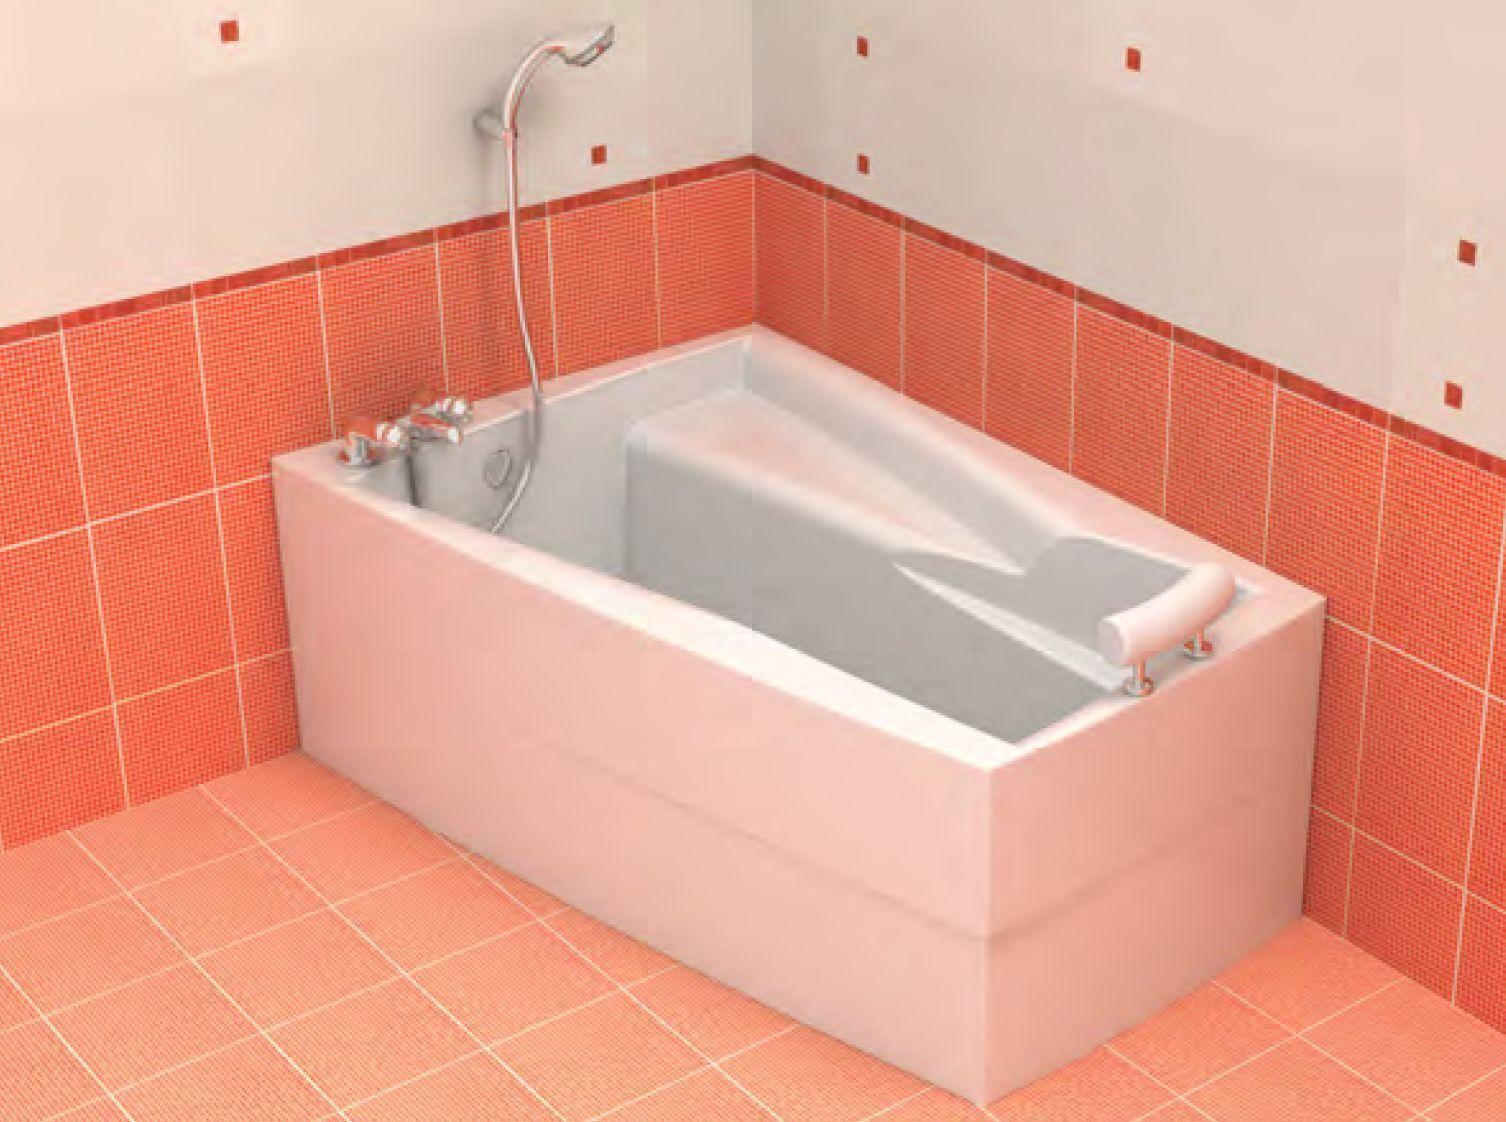 Badewanne 160x105 cm incl. Füße + Schürze + Ablauf + Befestigungset Raumspar L